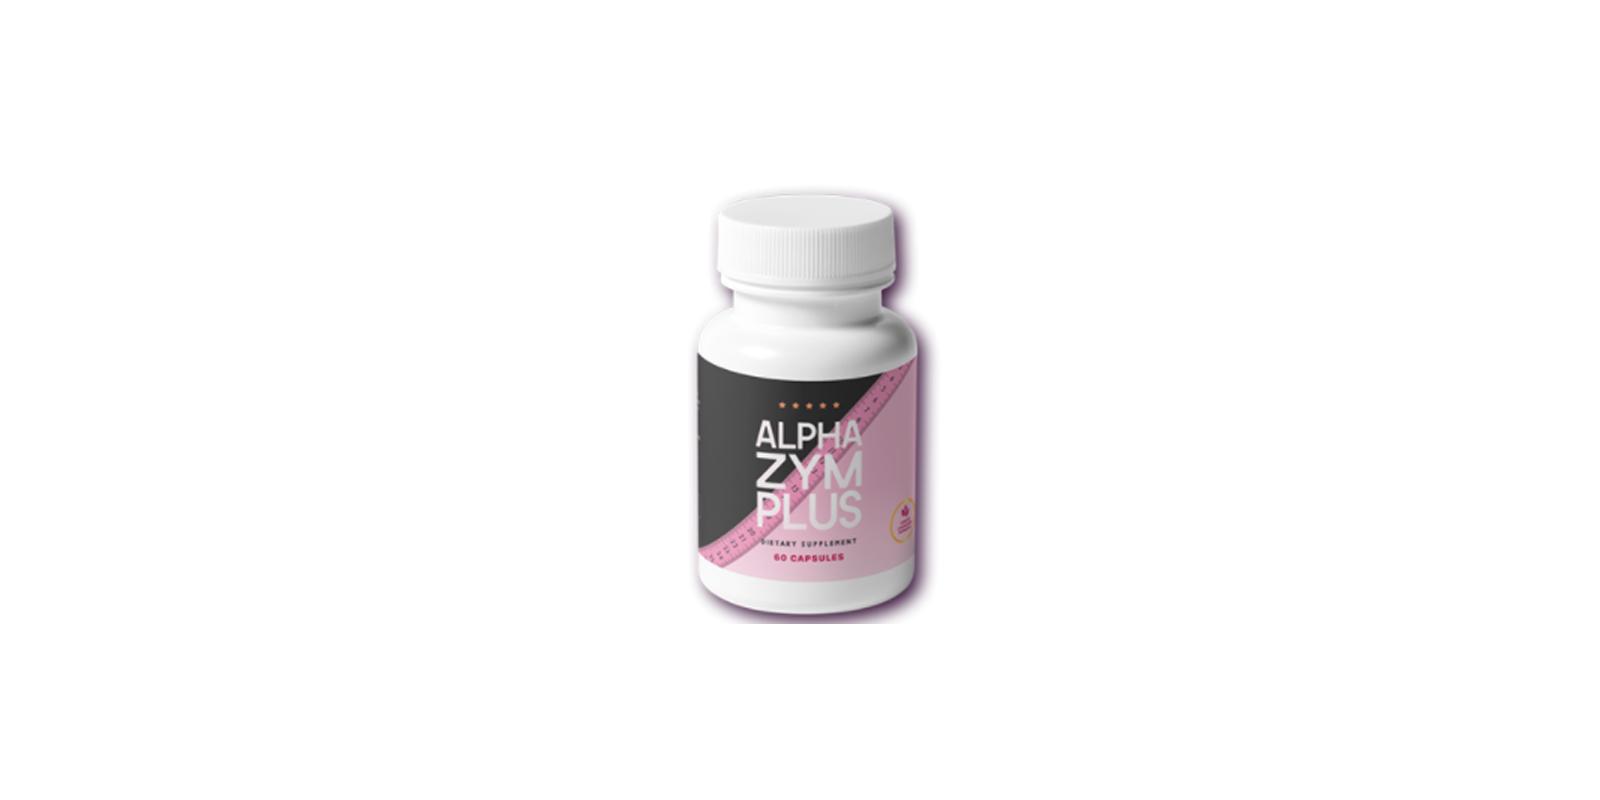 More On Alphazym Plus Reviews